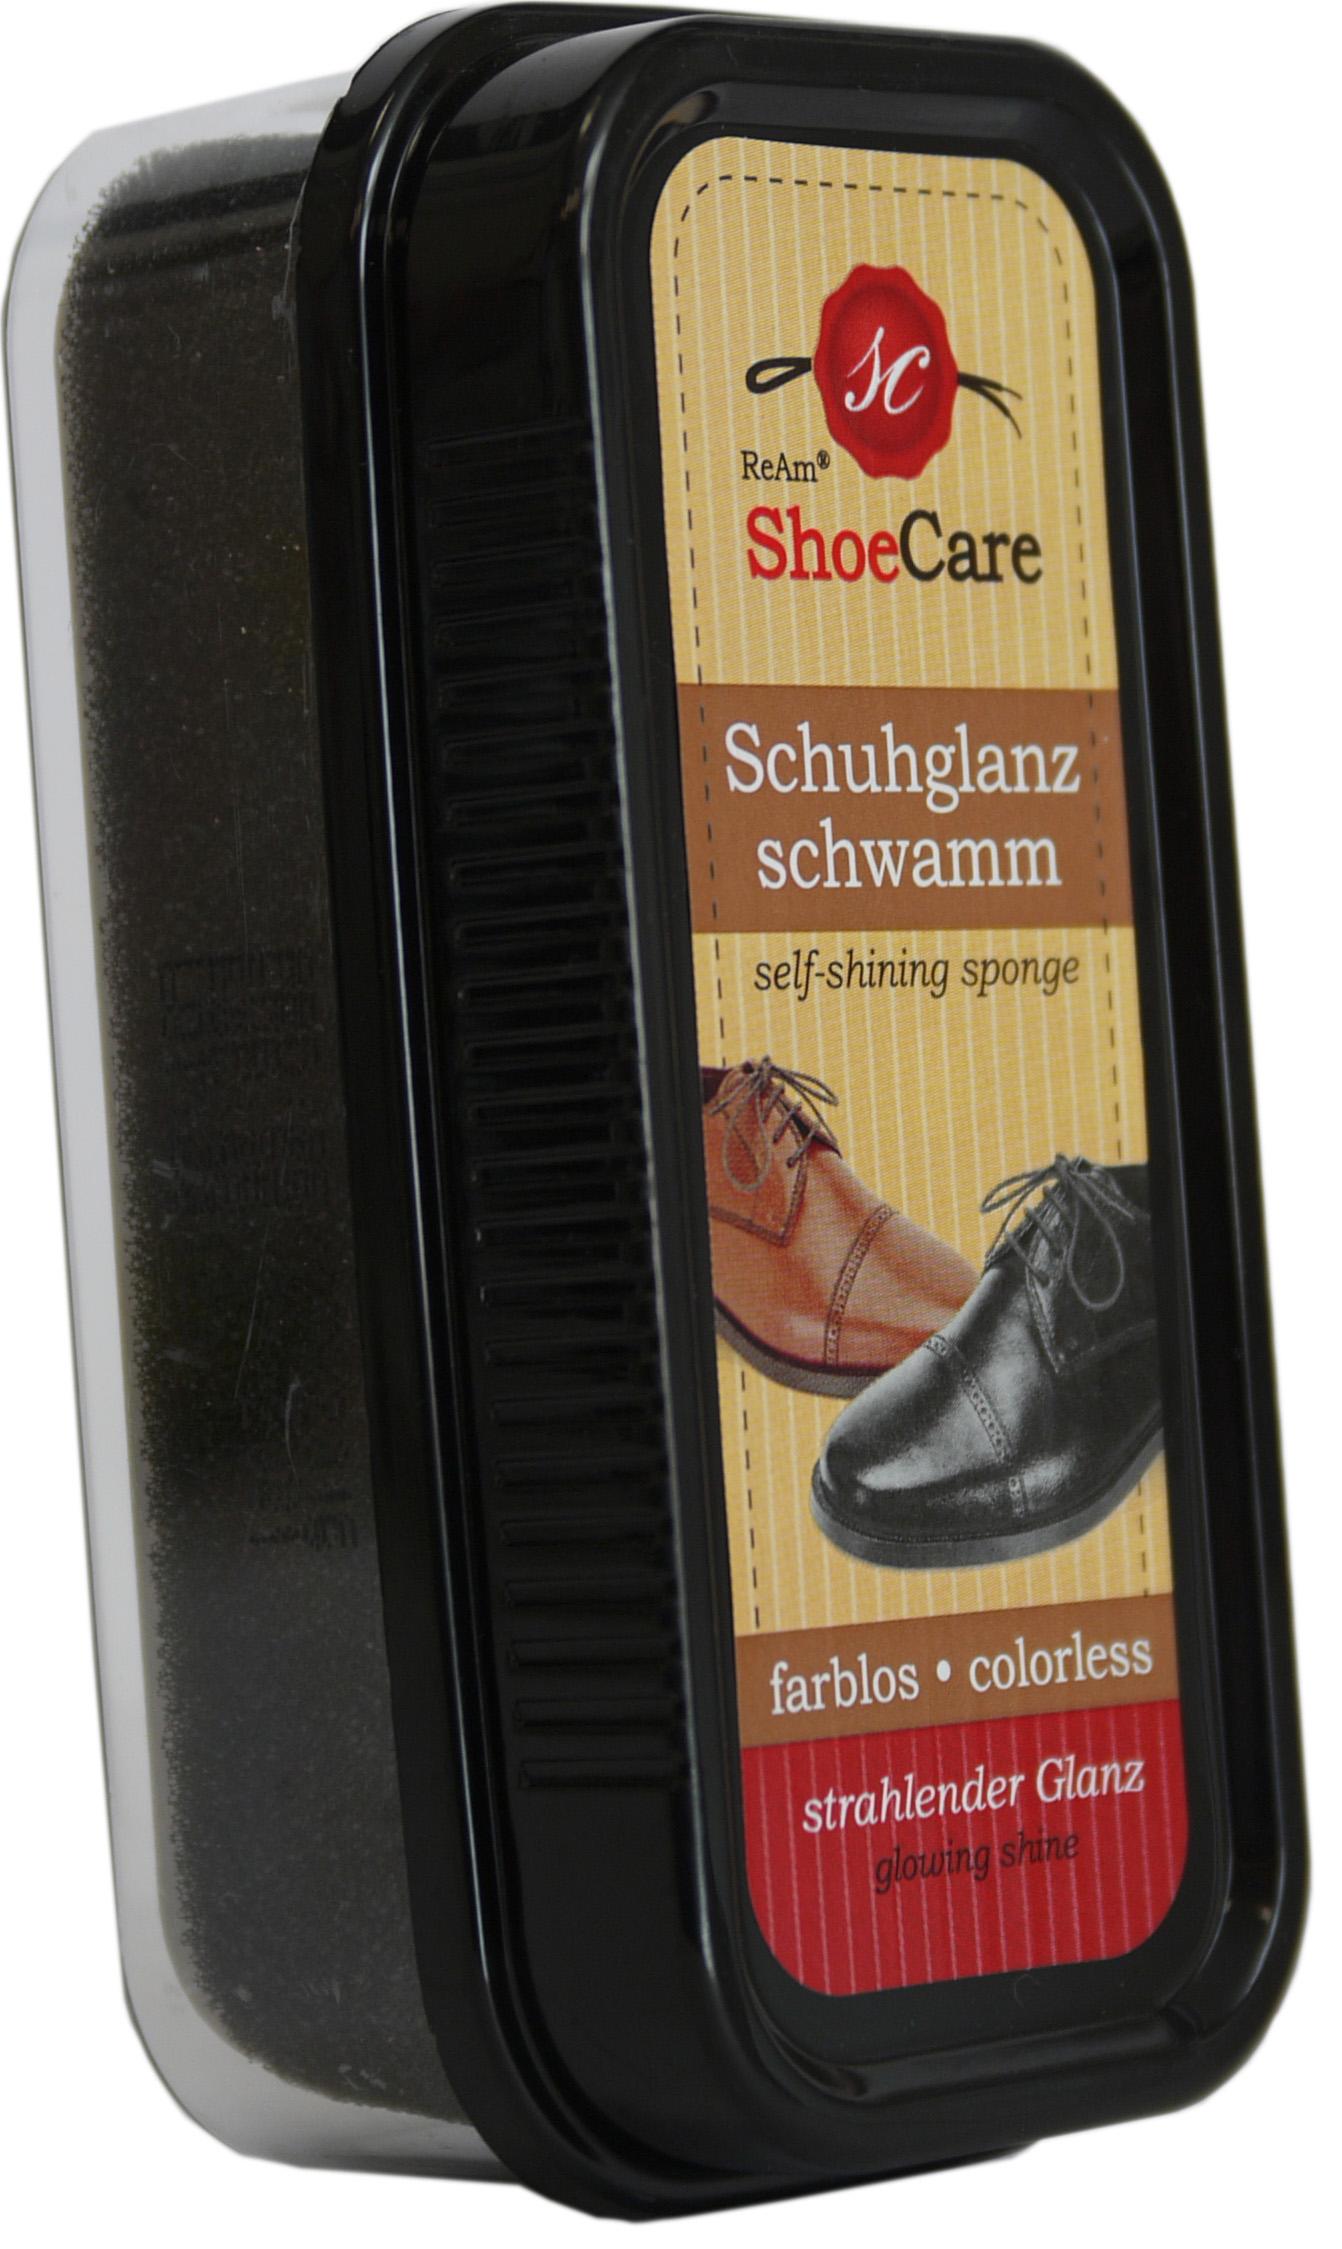 00667 - Schuhglanzschwamm -selbstglänzend-farblos